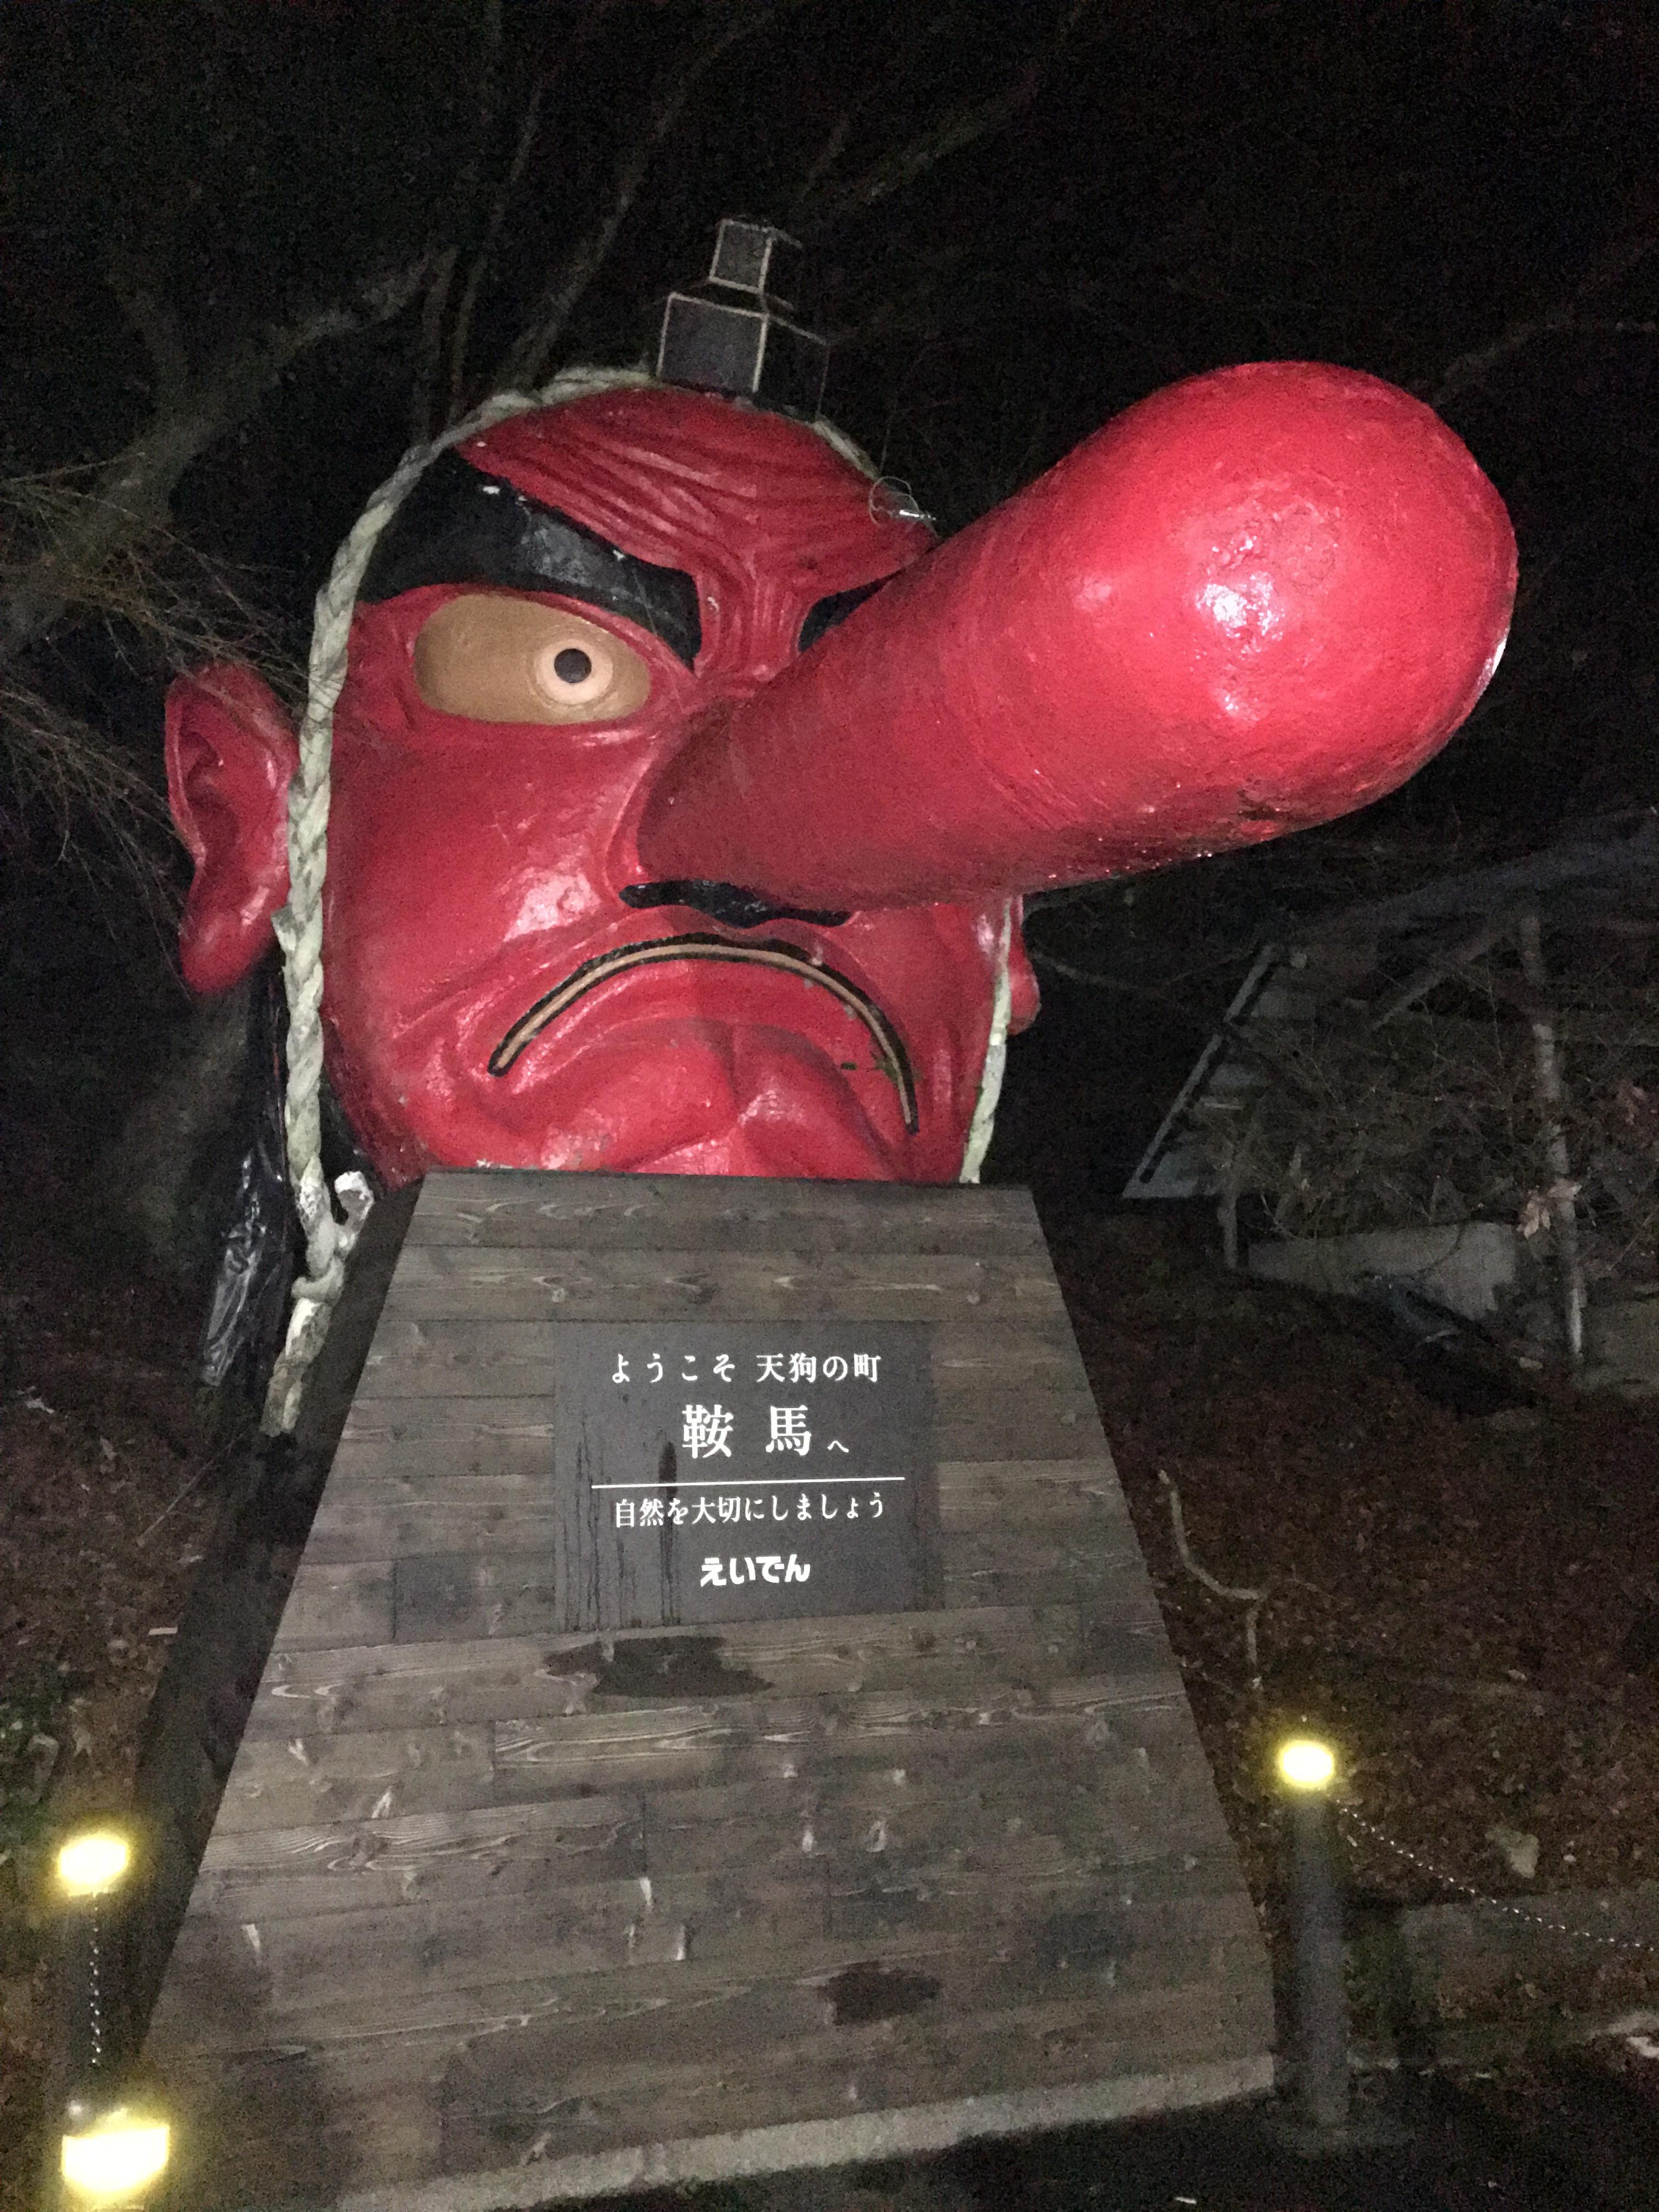 冬の京都で必見!おすすめパワースポット10選!人気観光地の冬の見どころを解説!